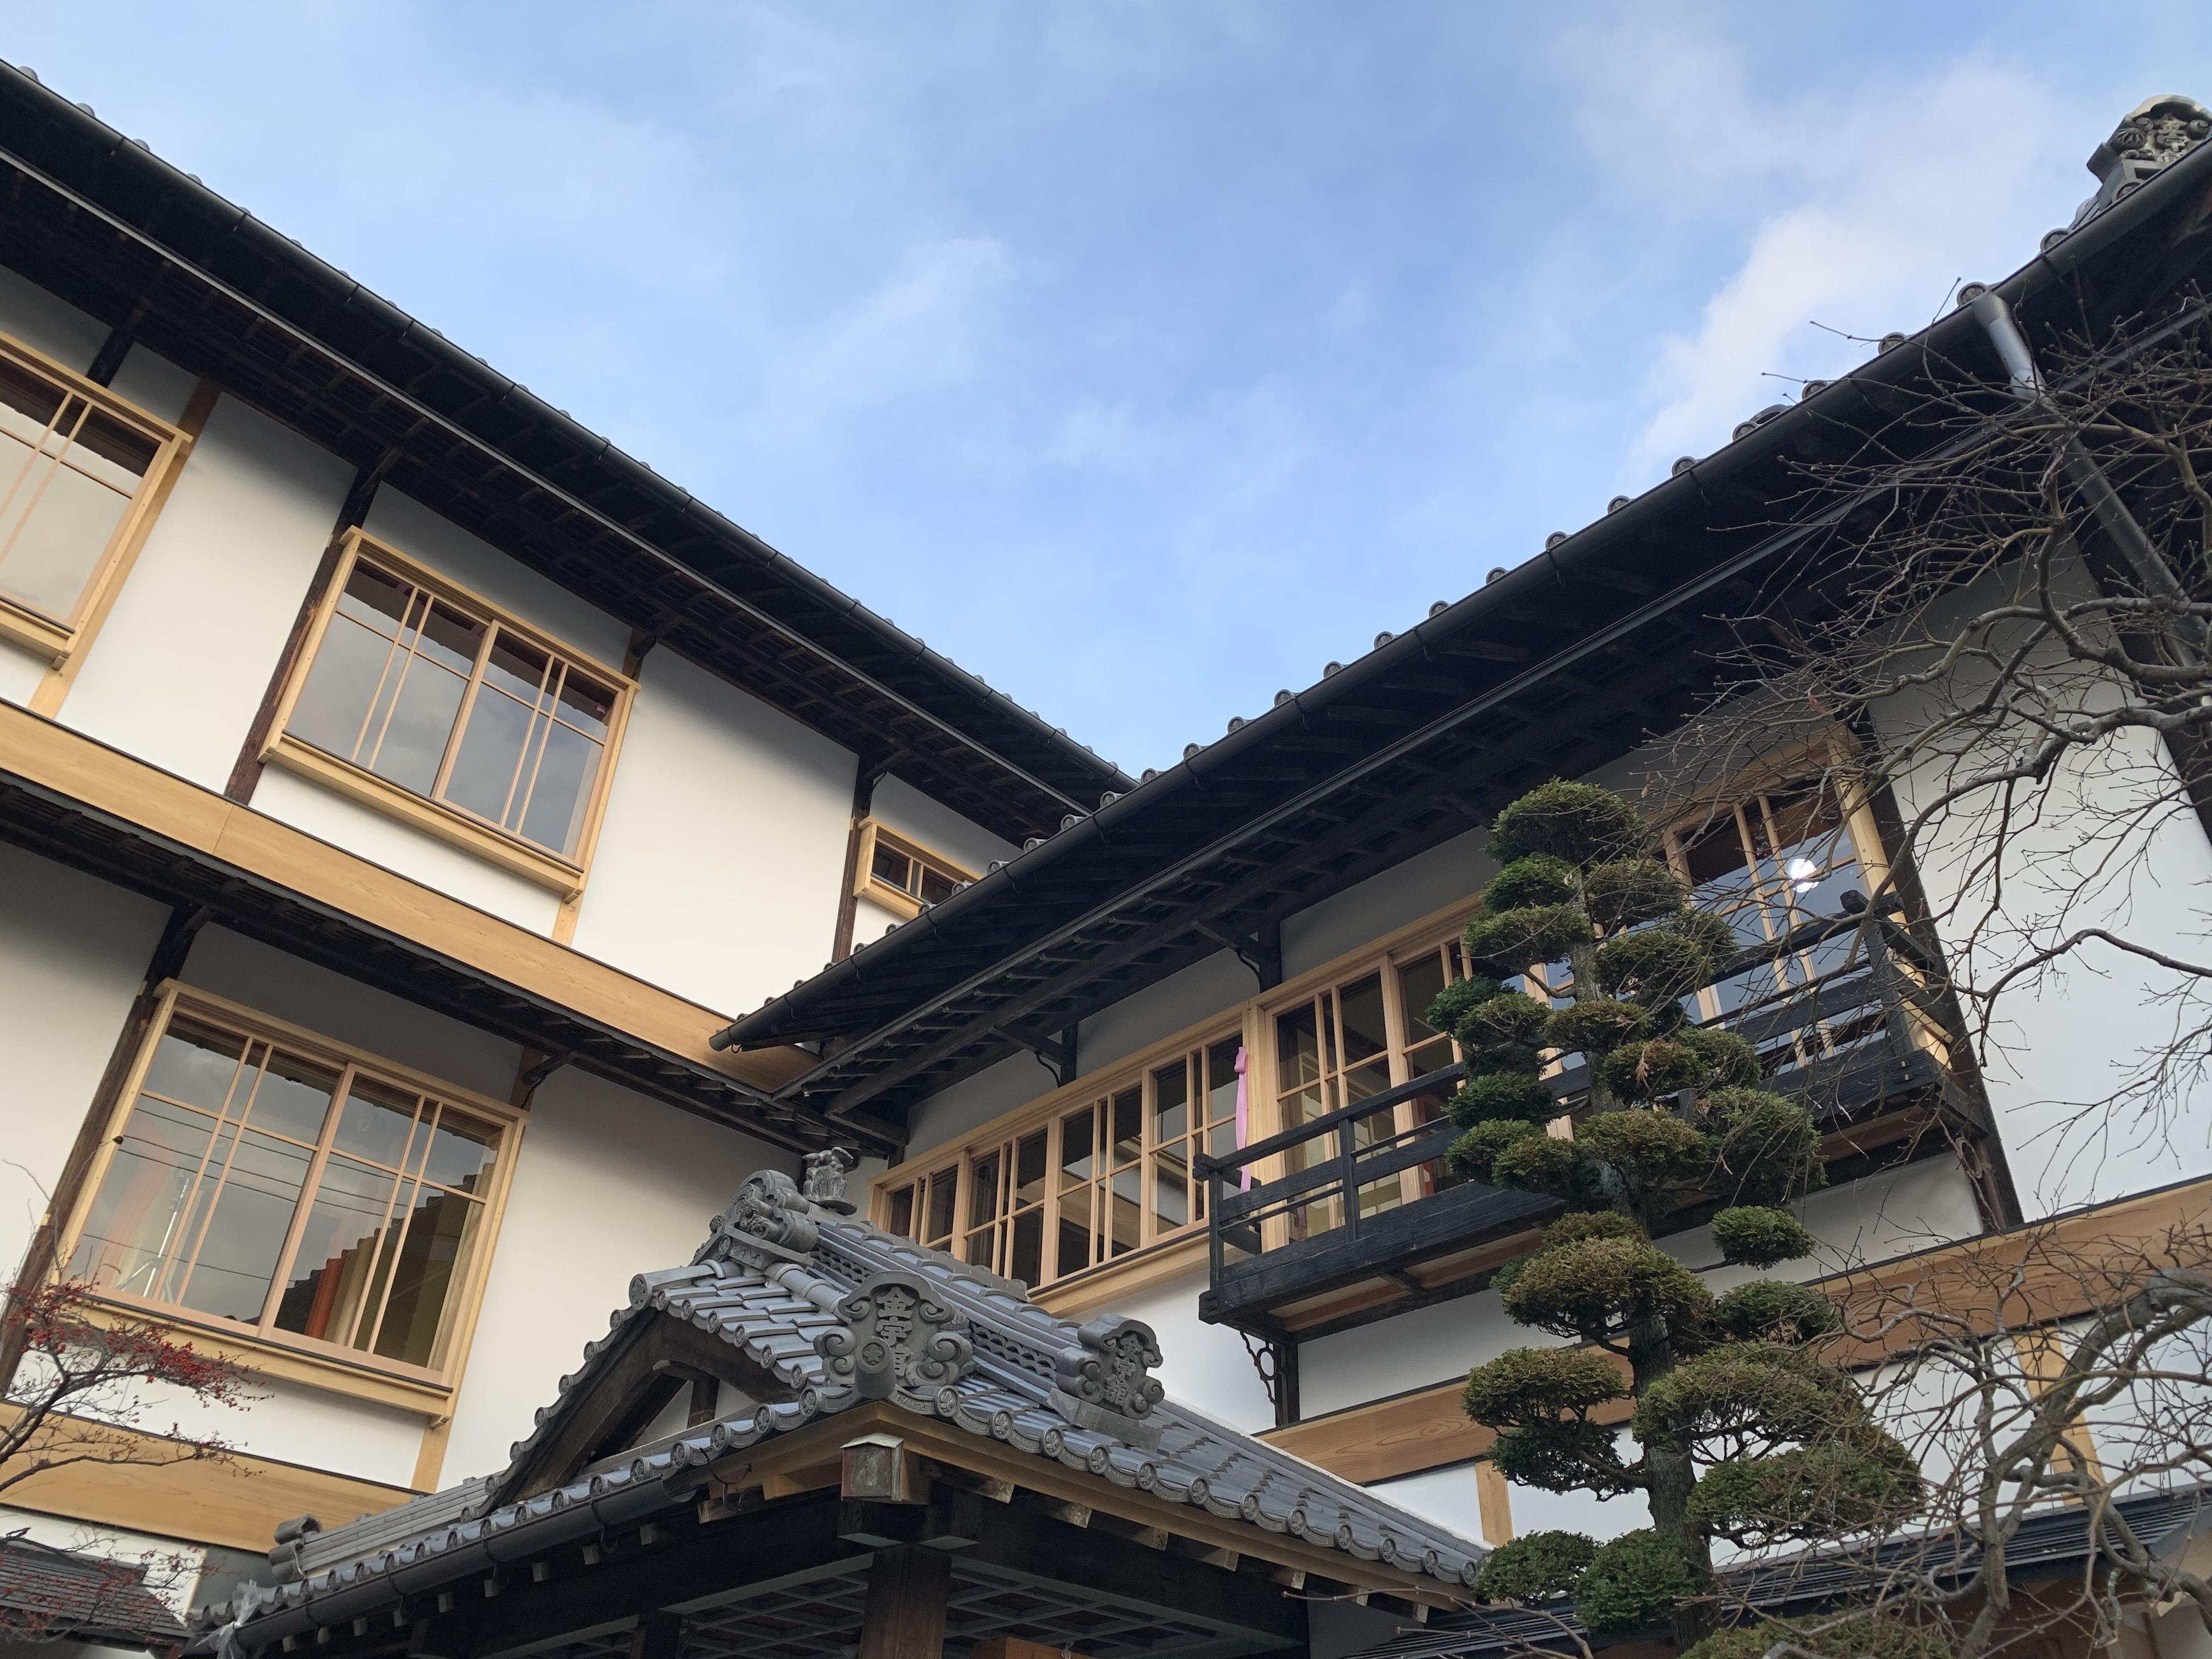 美ヶ原温泉 鄙の宿 金宇館(かなうかん)